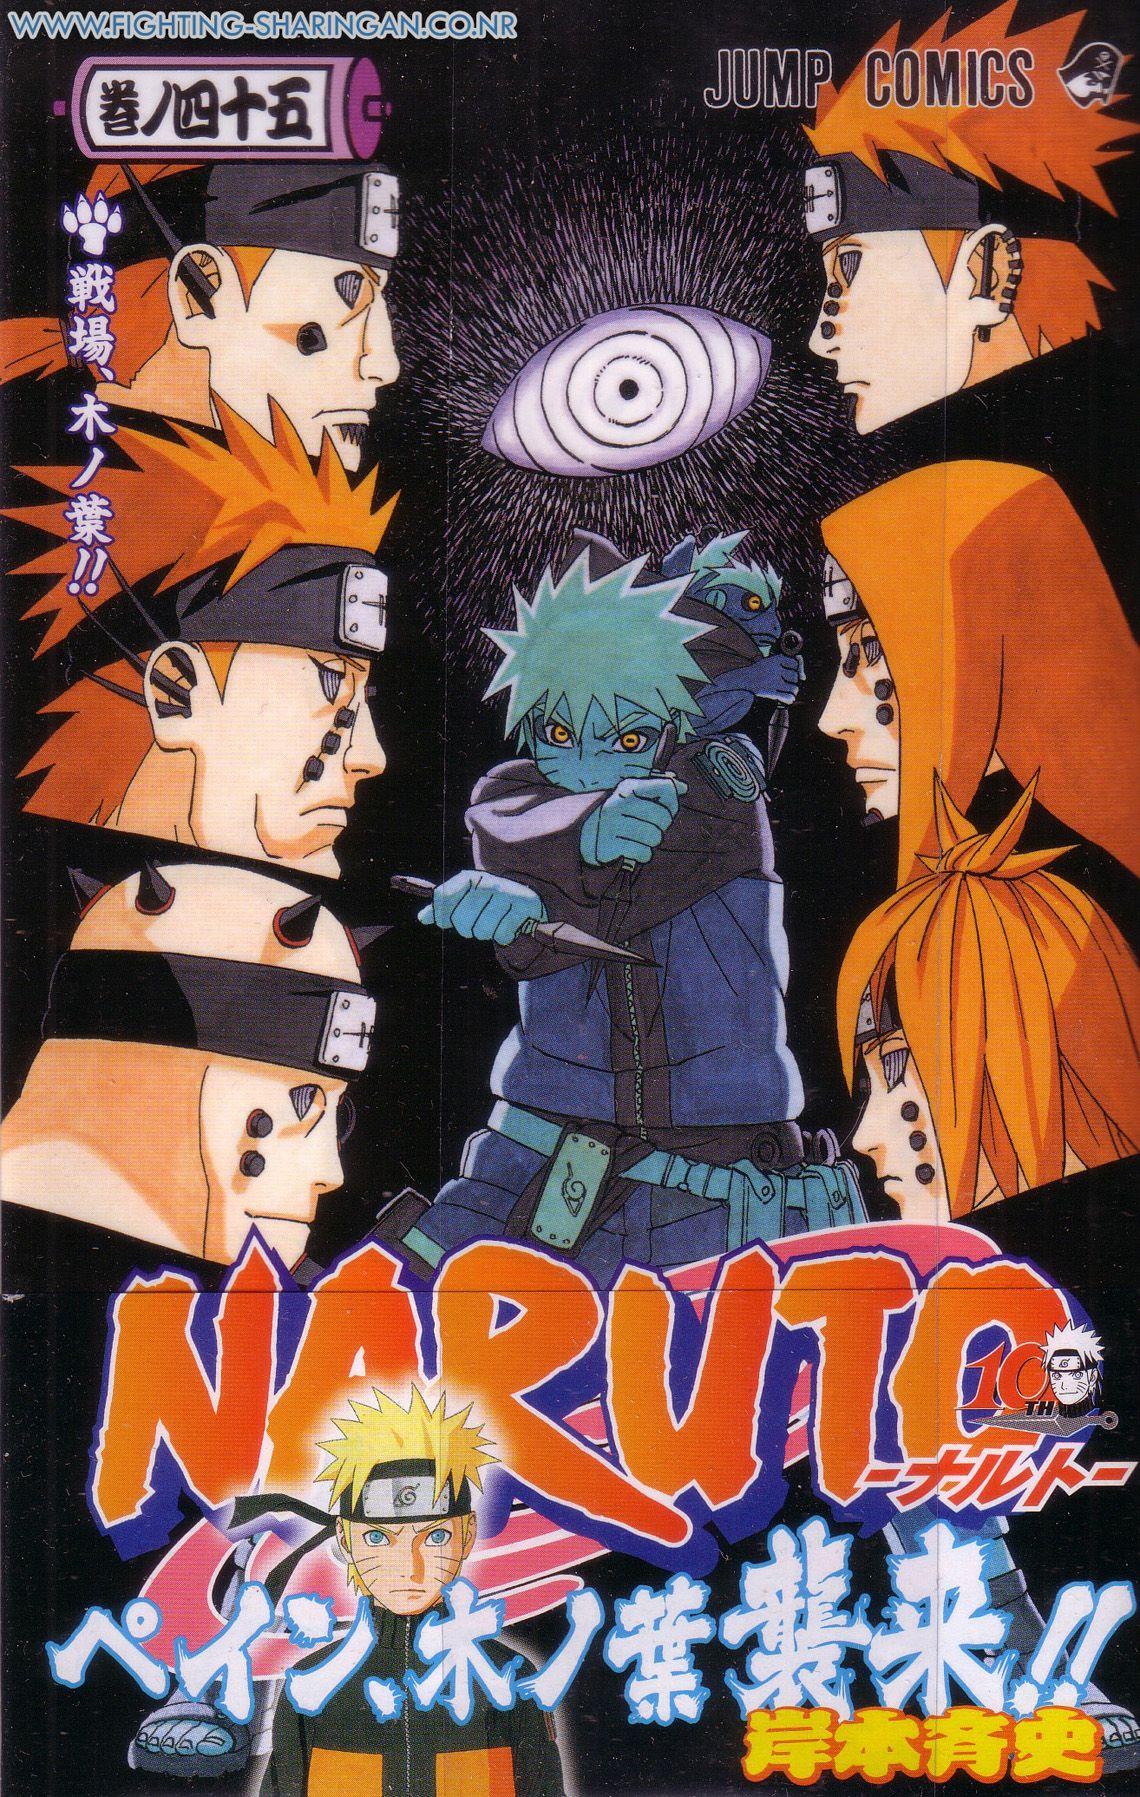 Komik Naruto Shippuden 683 Pdf